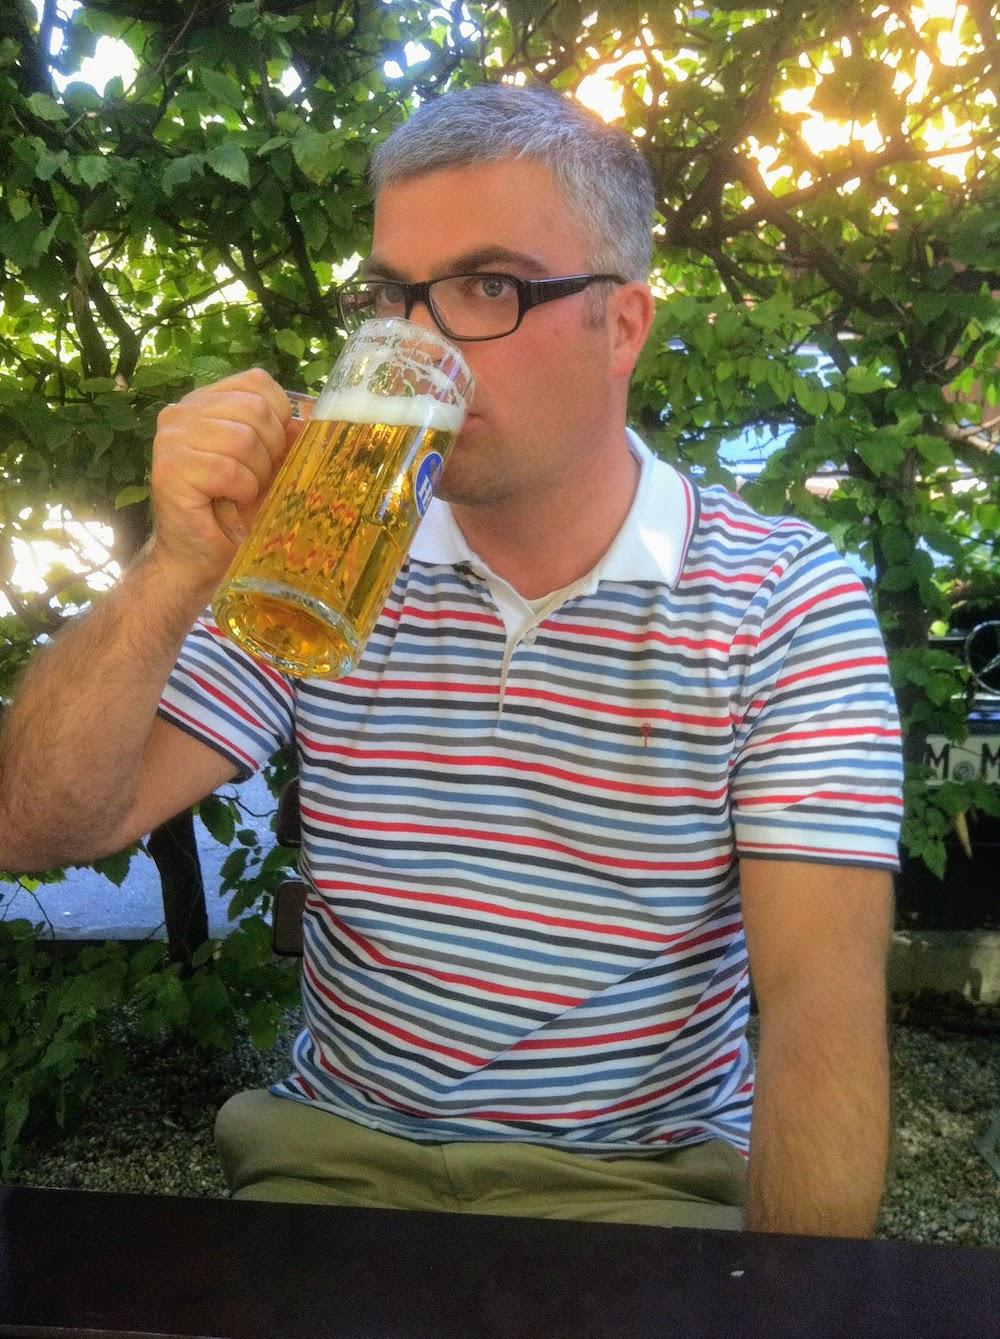 Erfrischung in einem Münchener Biergarten